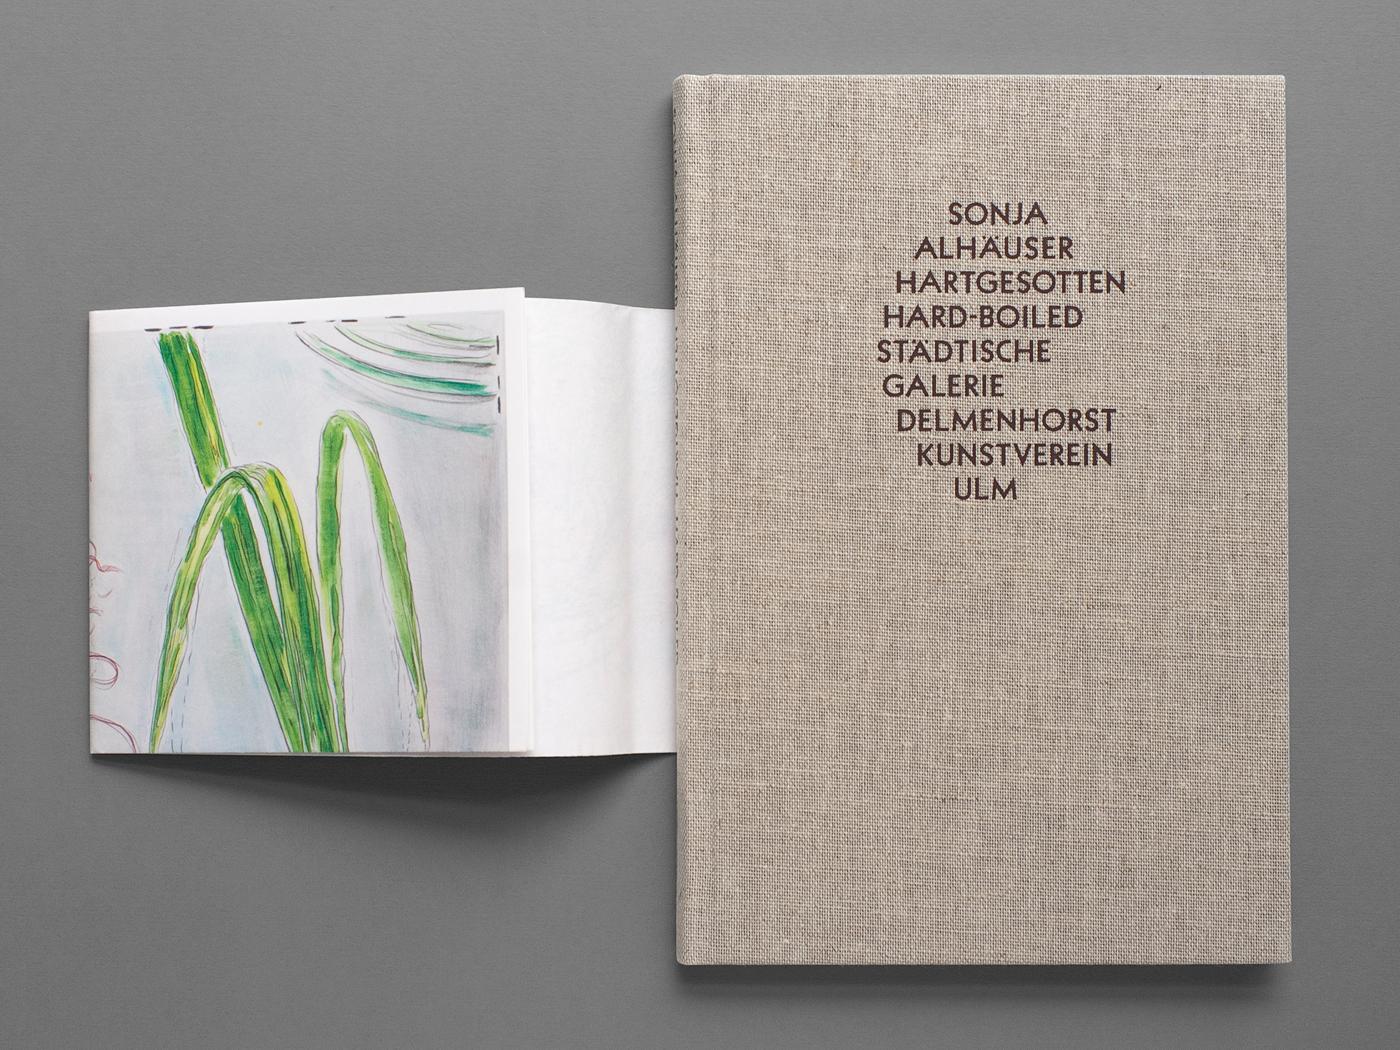 Sonja Alhäuser: Hartgesotten